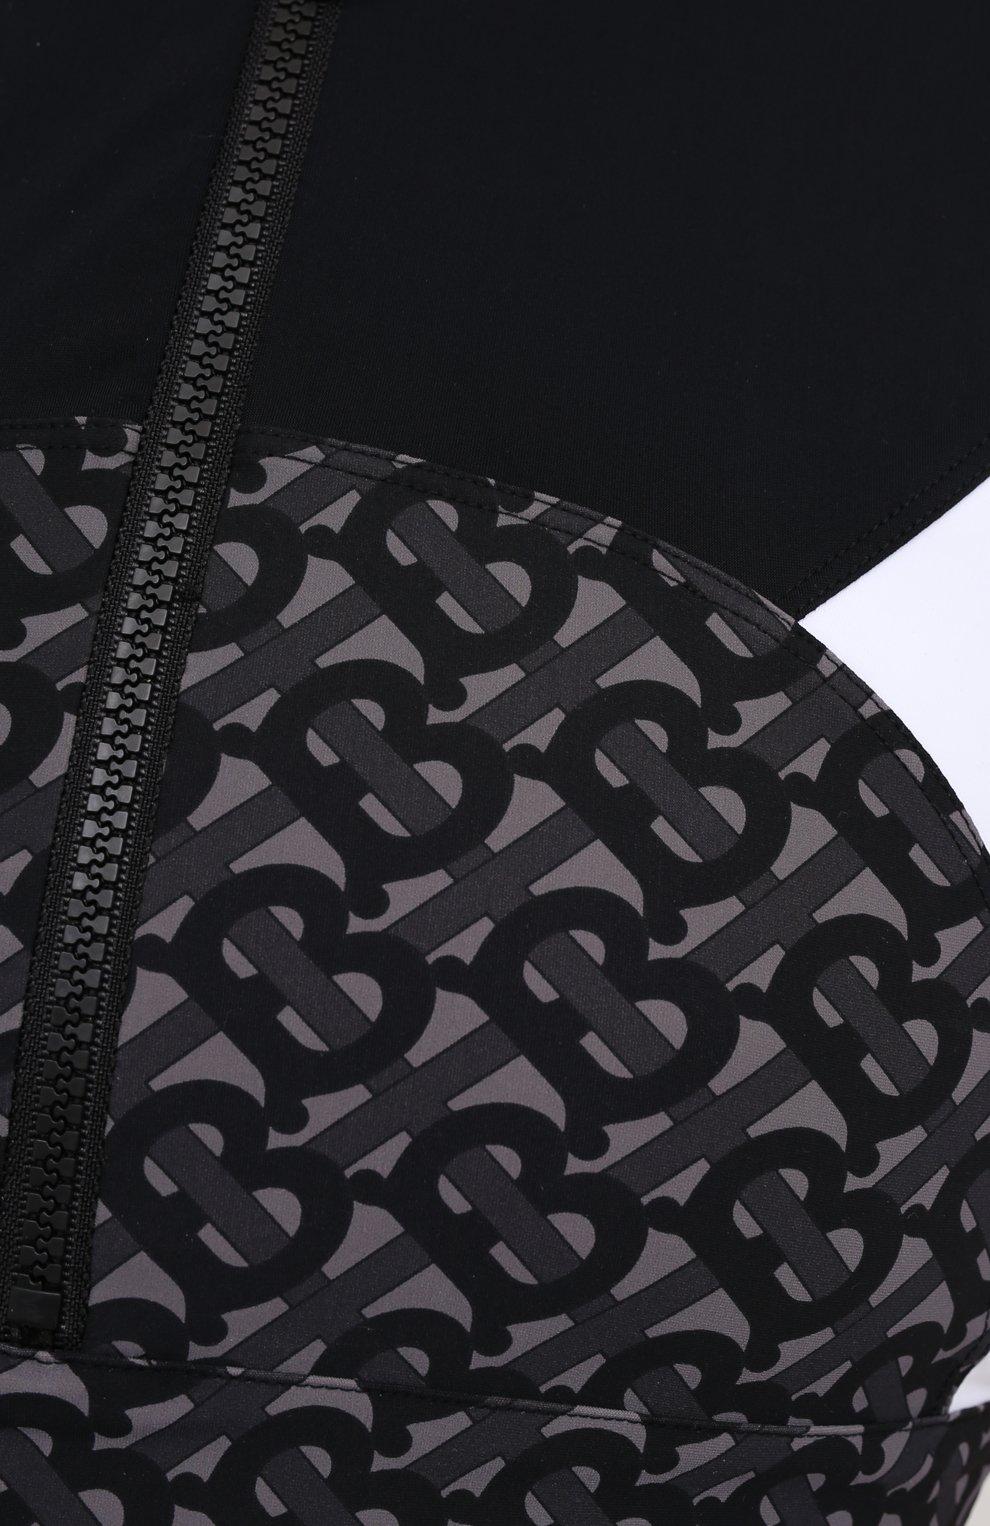 Женский топ BURBERRY черного цвета, арт. 8036687   Фото 5 (Женское Кросс-КТ: Топ-спорт; Кросс-КТ: без рукавов; Материал внешний: Синтетический материал; Материал подклада: Синтетический материал; Рукава: Без рукавов; Длина (для топов): Укороченные)